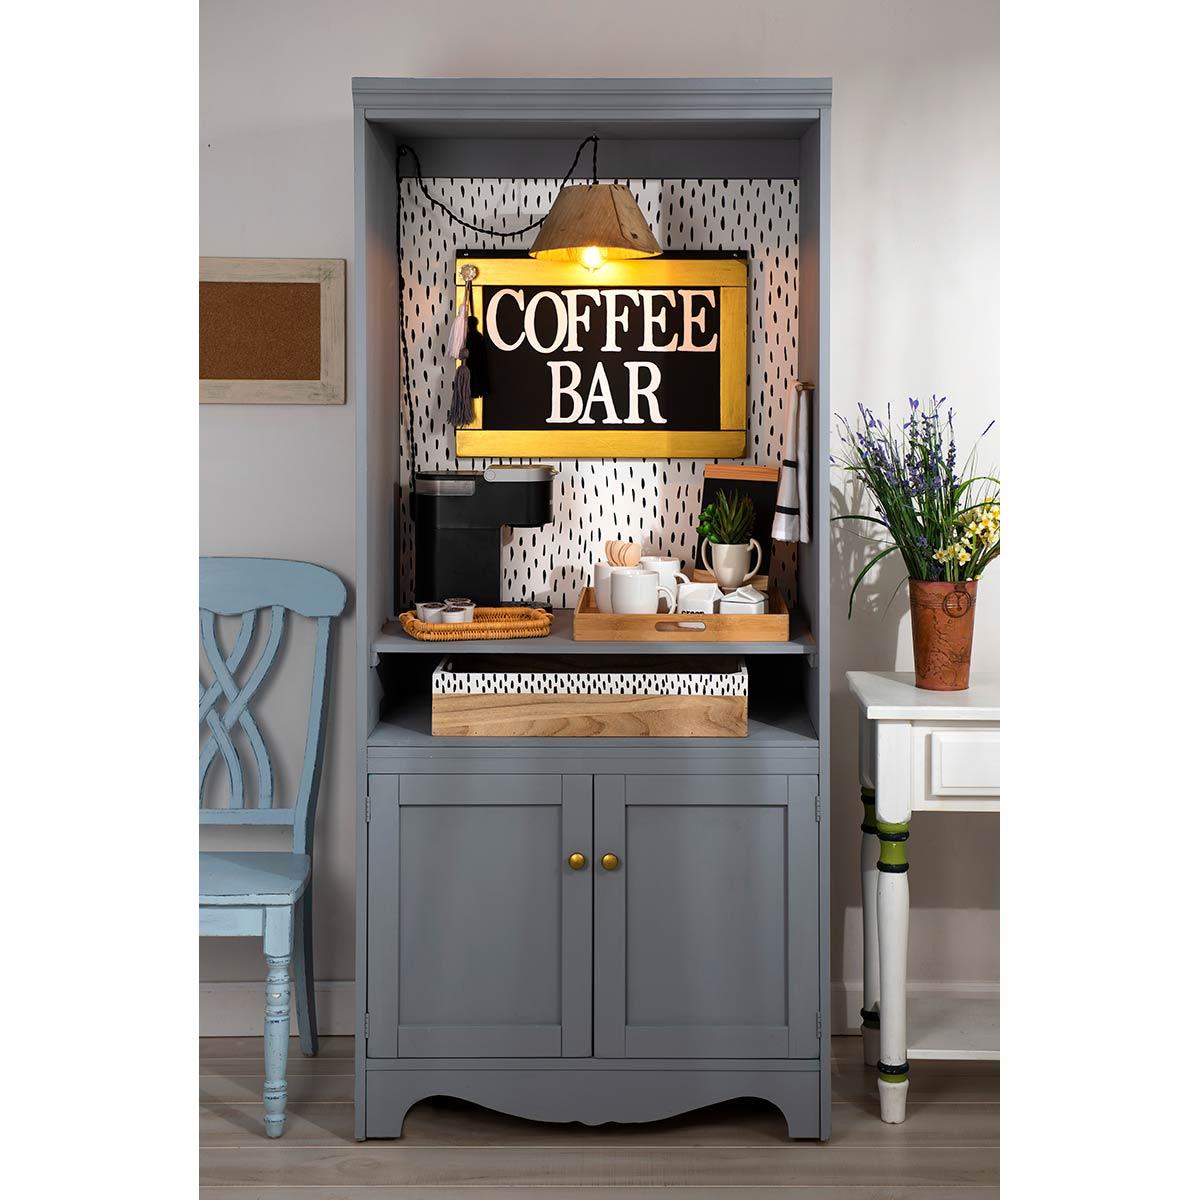 Upcycled Coffee Bar